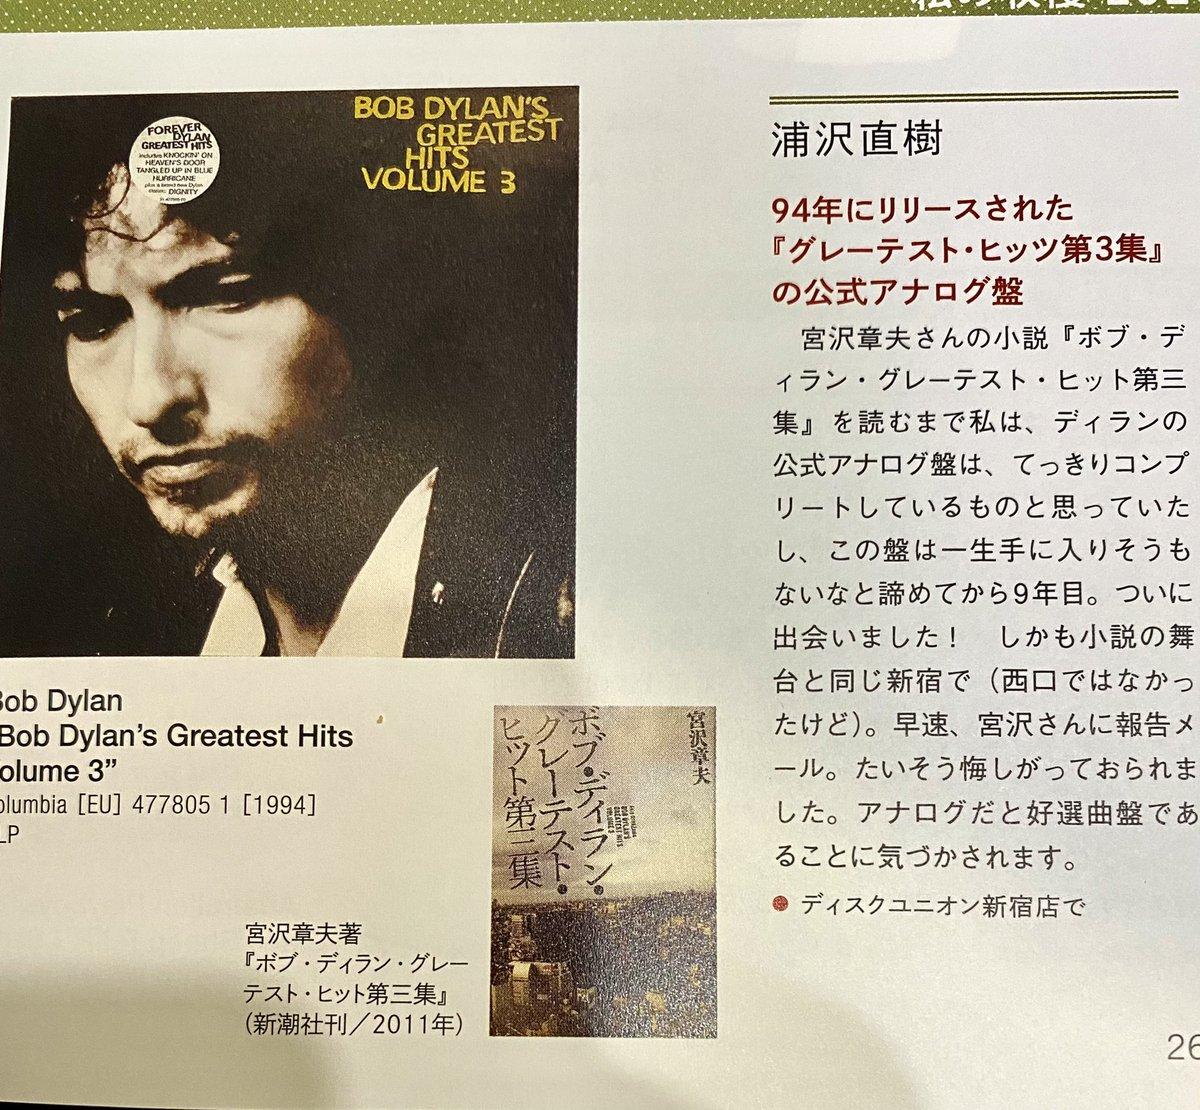 test ツイッターメディア - 「レコードコレクターズ」誌を送っていただいた。ありがとうございます。ただなぜなのか最初は分からなかったが、浦沢直樹さんが描いていたのだった。たしかに悔しいよ。 https://t.co/bgmDNRLn5A